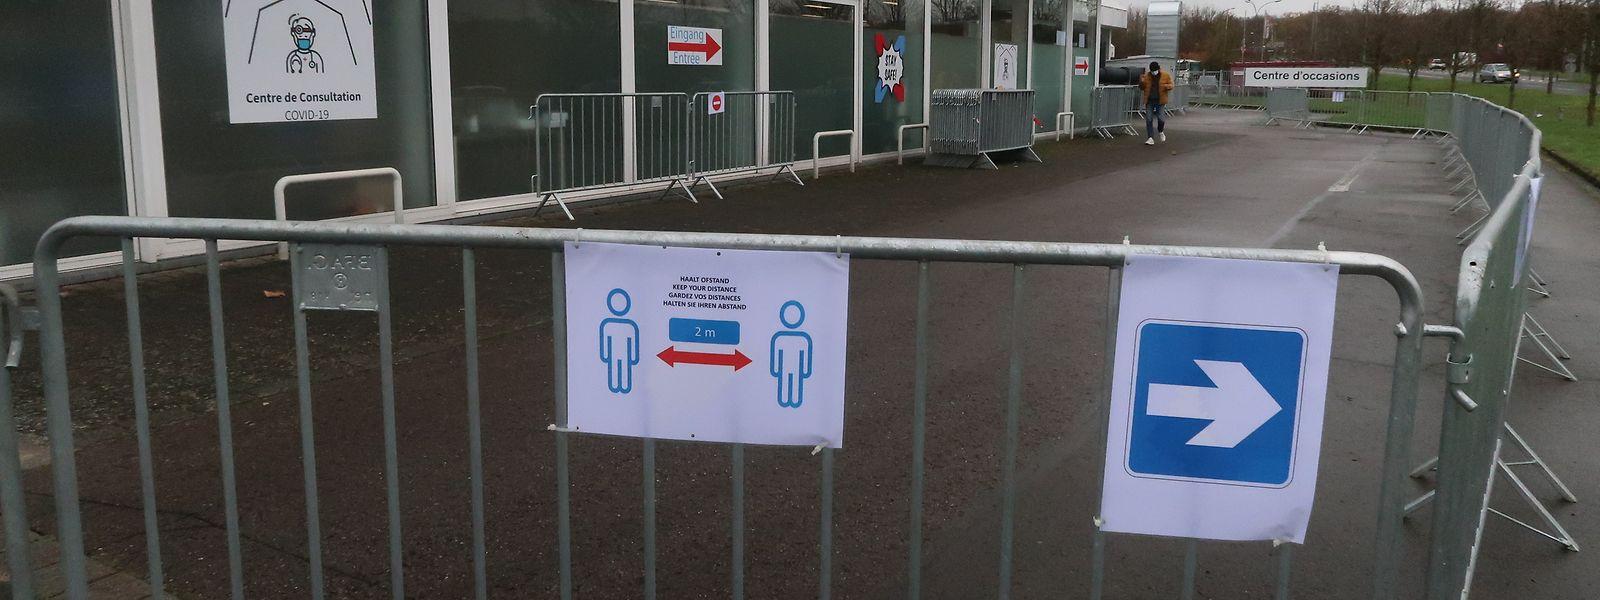 Am Donnerstag gab keine Warteschlangen vor dem Covid-Zentrum in Esch-Lankelz. Allerdings musste so mancher, der sich hier testen lassen wollte, wieder umkehren. Foto: Nicolas Anen